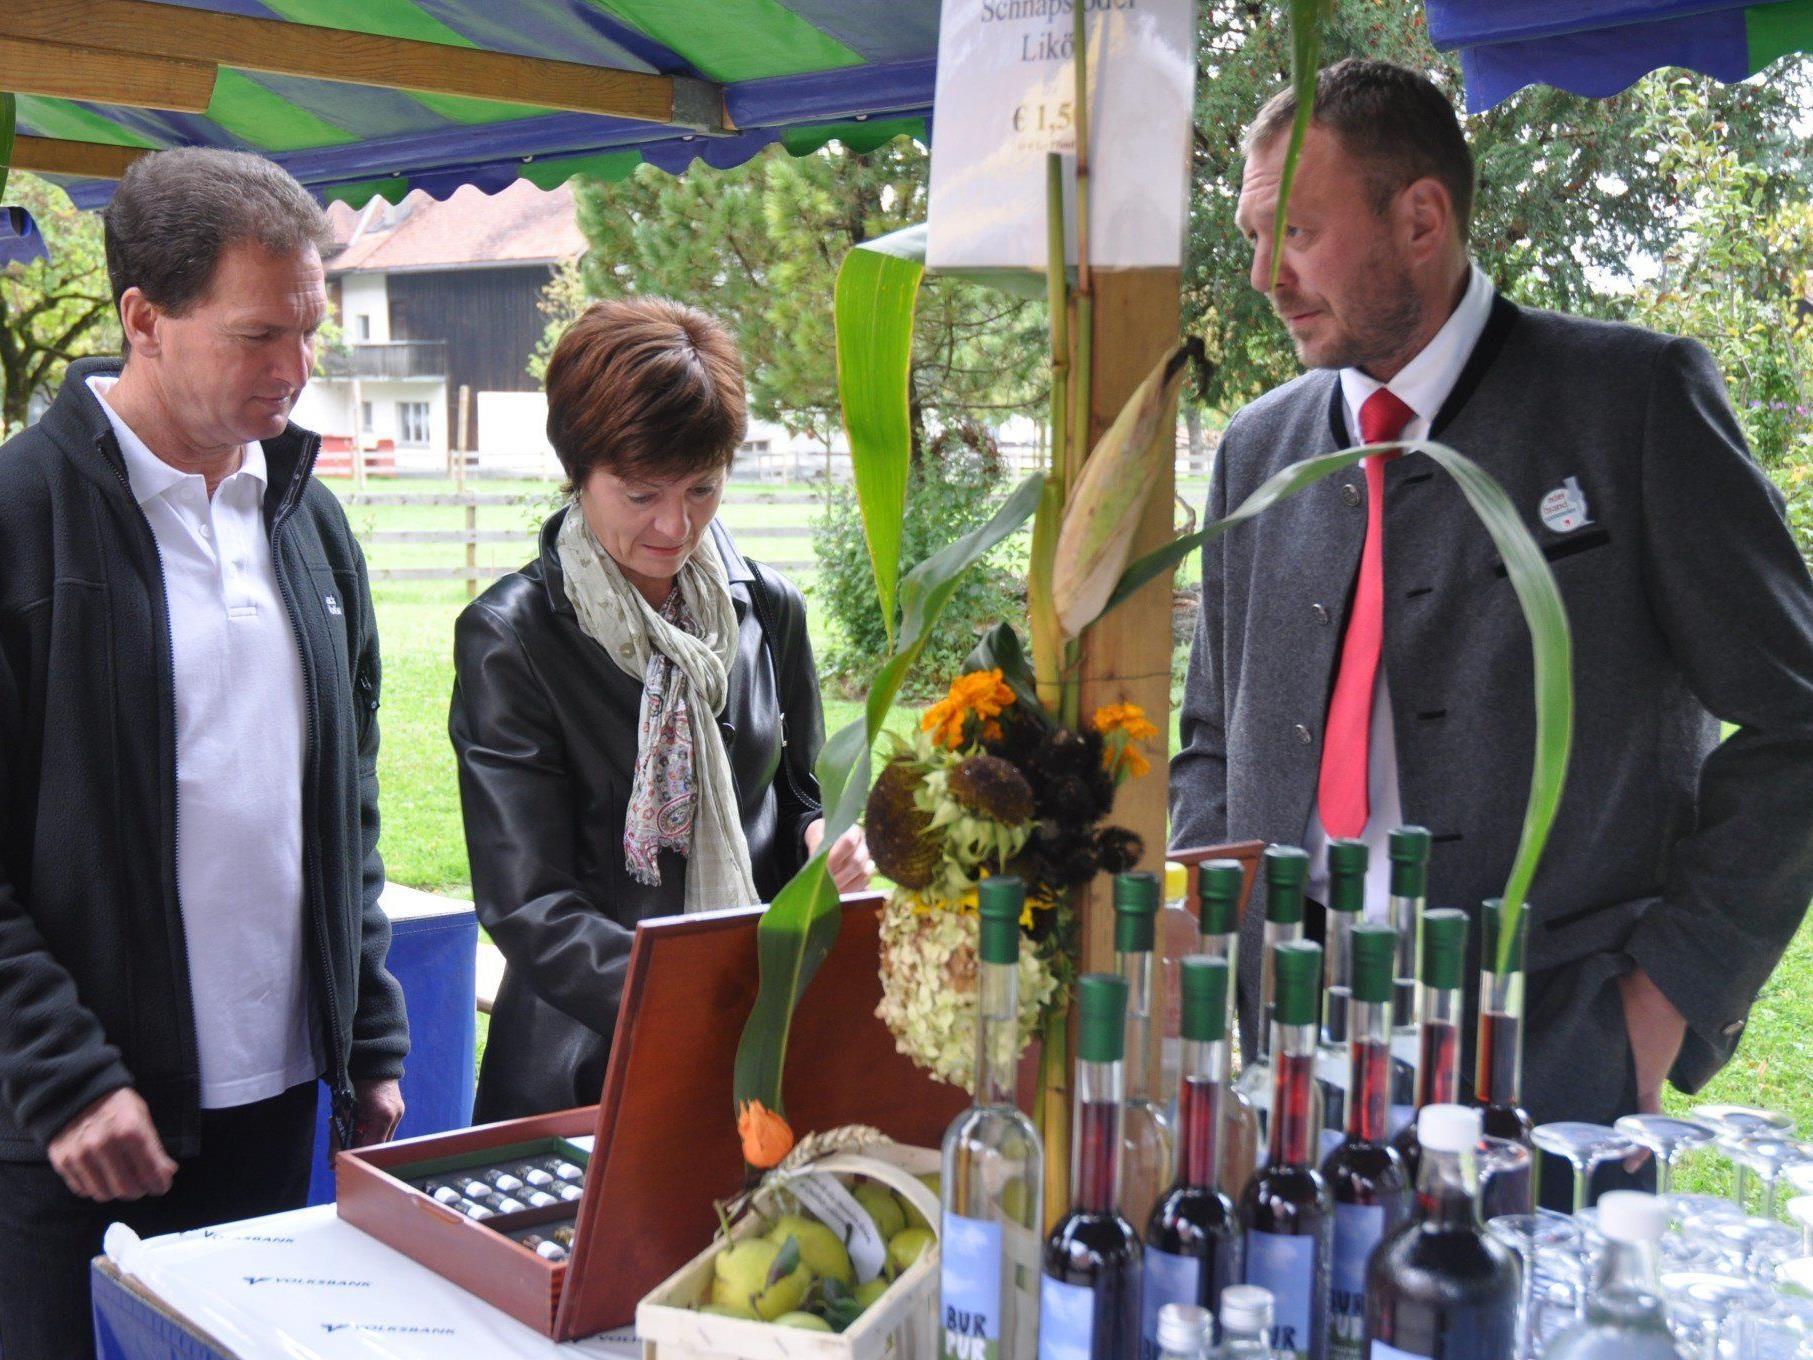 Beim traditionellen Röthner Dorfmarkt werden viele regionale Schmankerl angeboten.